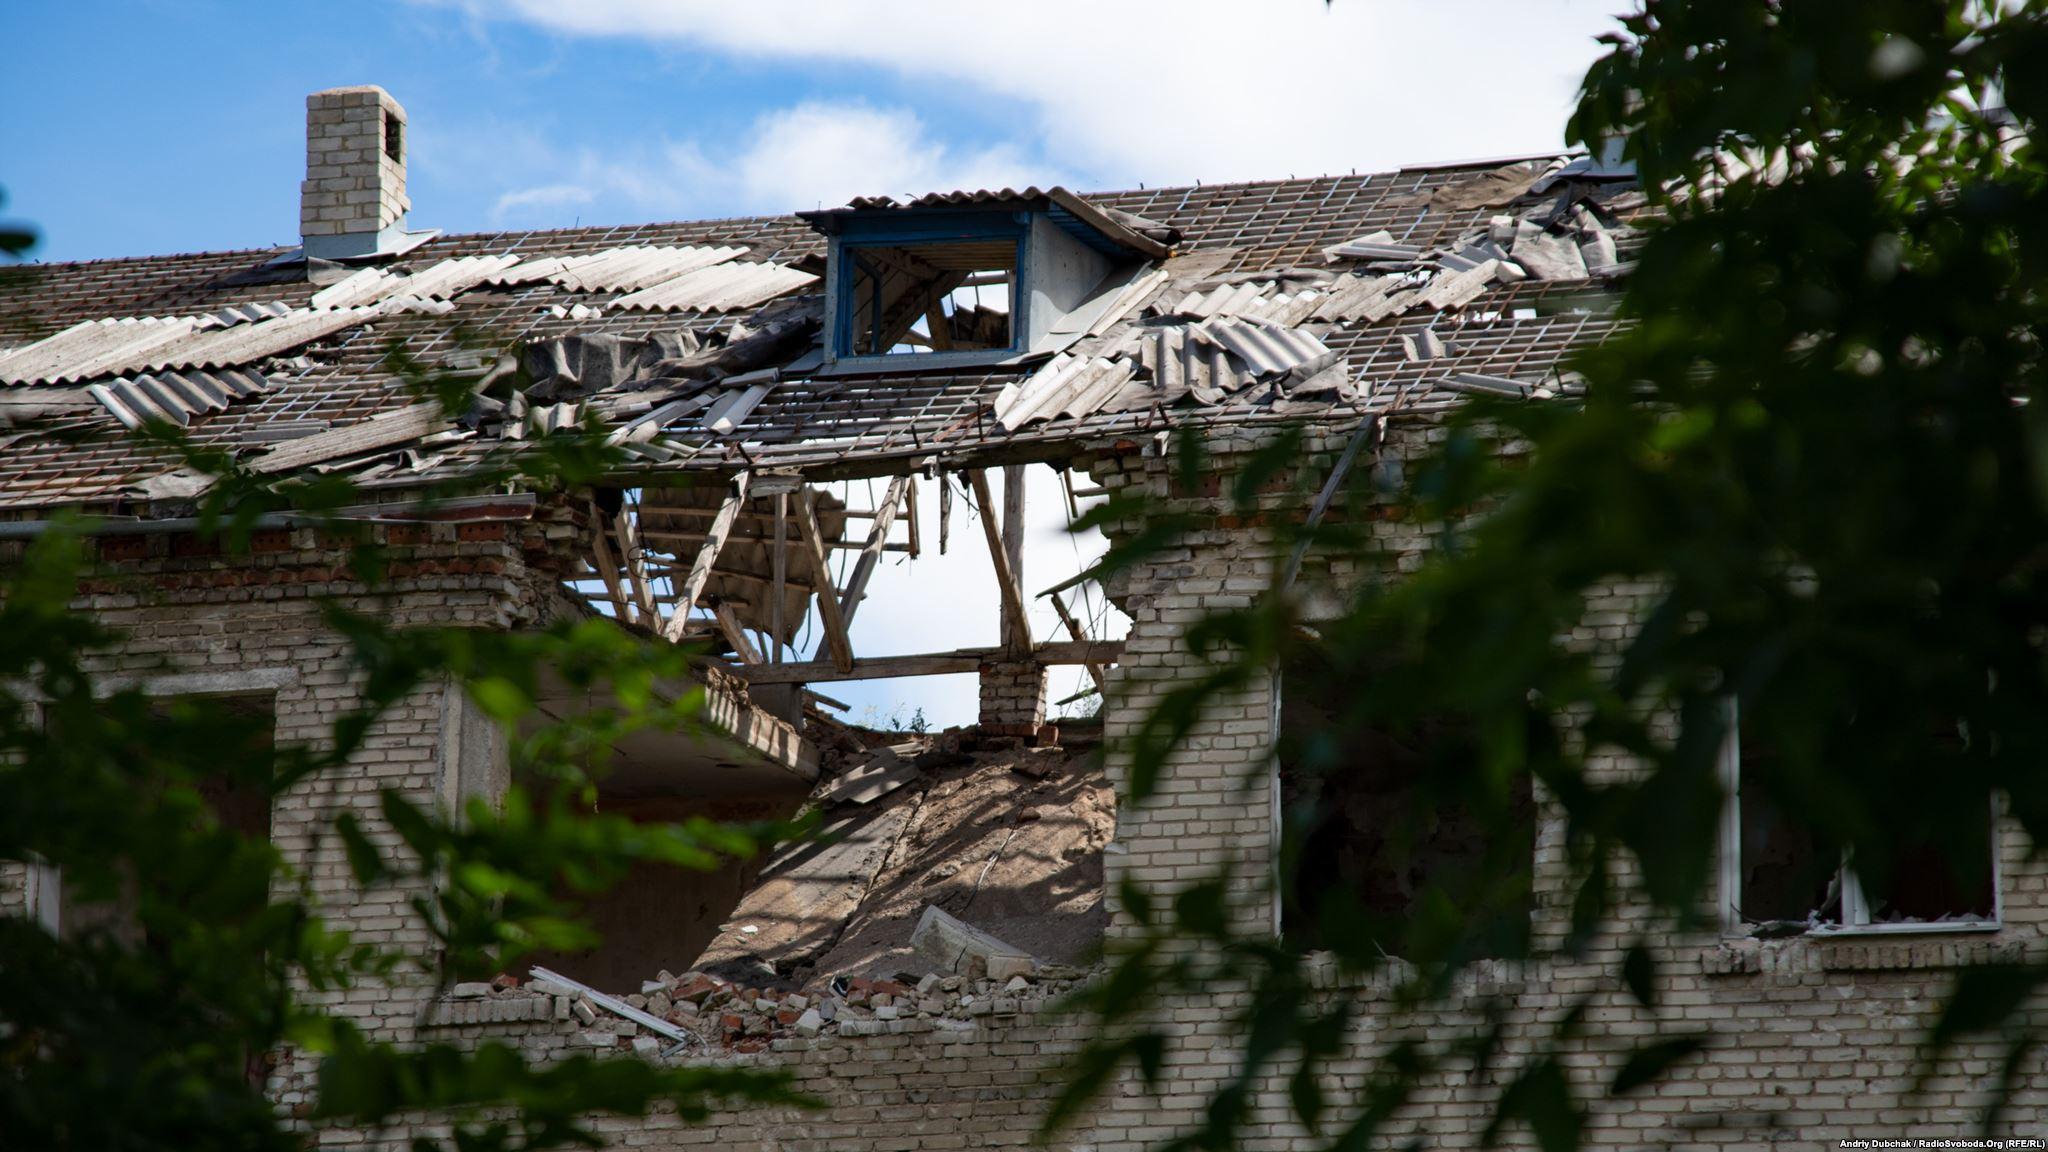 Розтрощений артилерією дах одного з будинків біля позицій української армії (фотограф Андрей Дубчак / Andriy Dubchak)